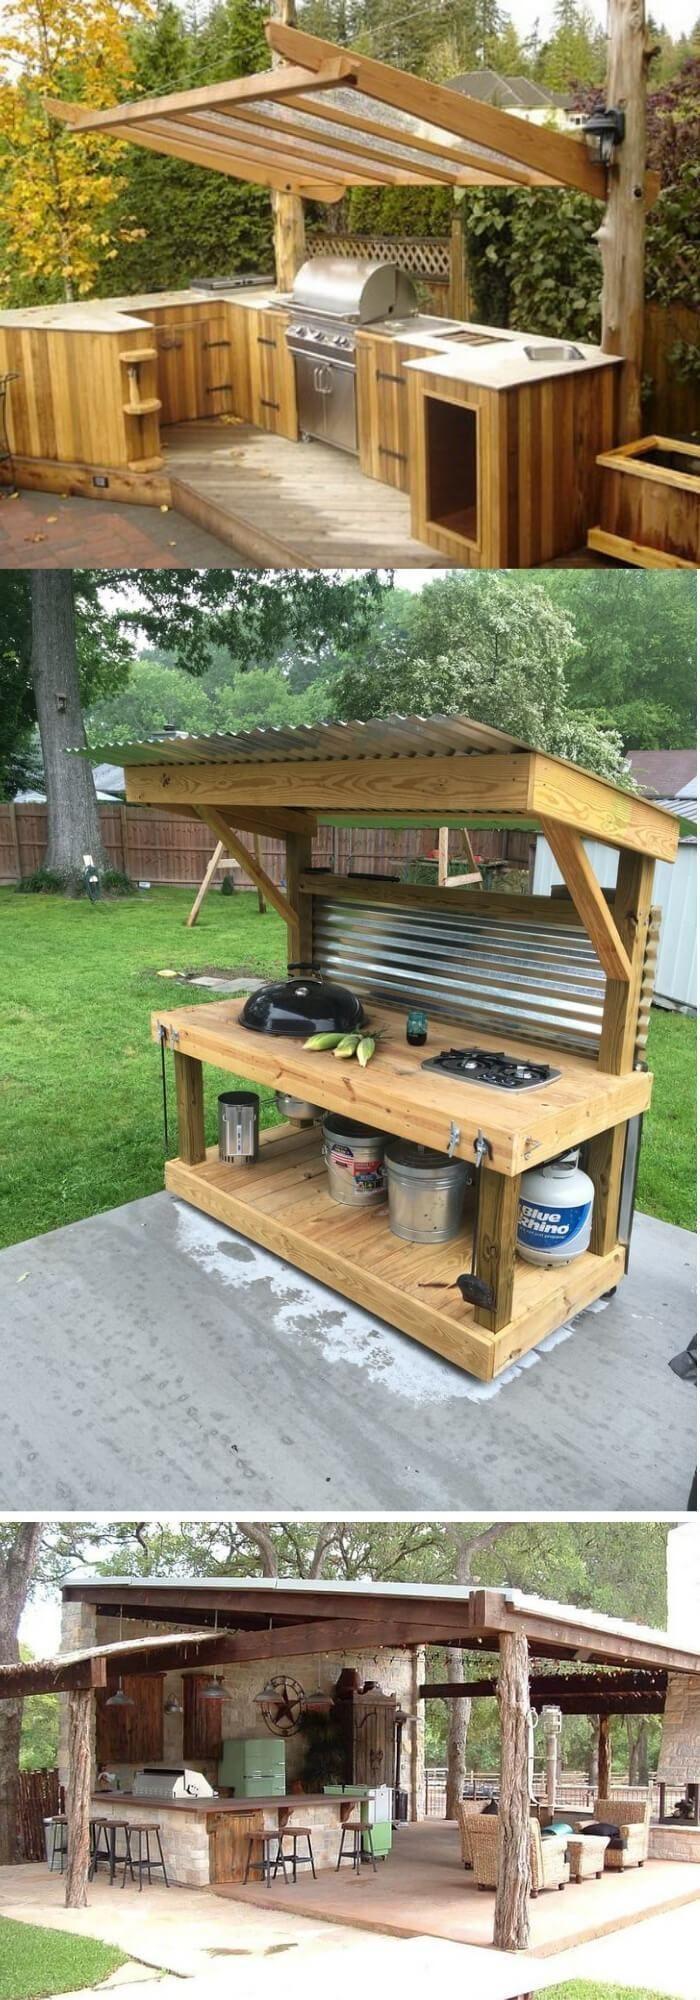 31 Stunning Outdoor Kitchen Ideas Designs With Pictures For 2019 In 2020 Outdoor Kuchen Ideen Outdoor Kuche Hintergarten Diy backyard kitchen plans